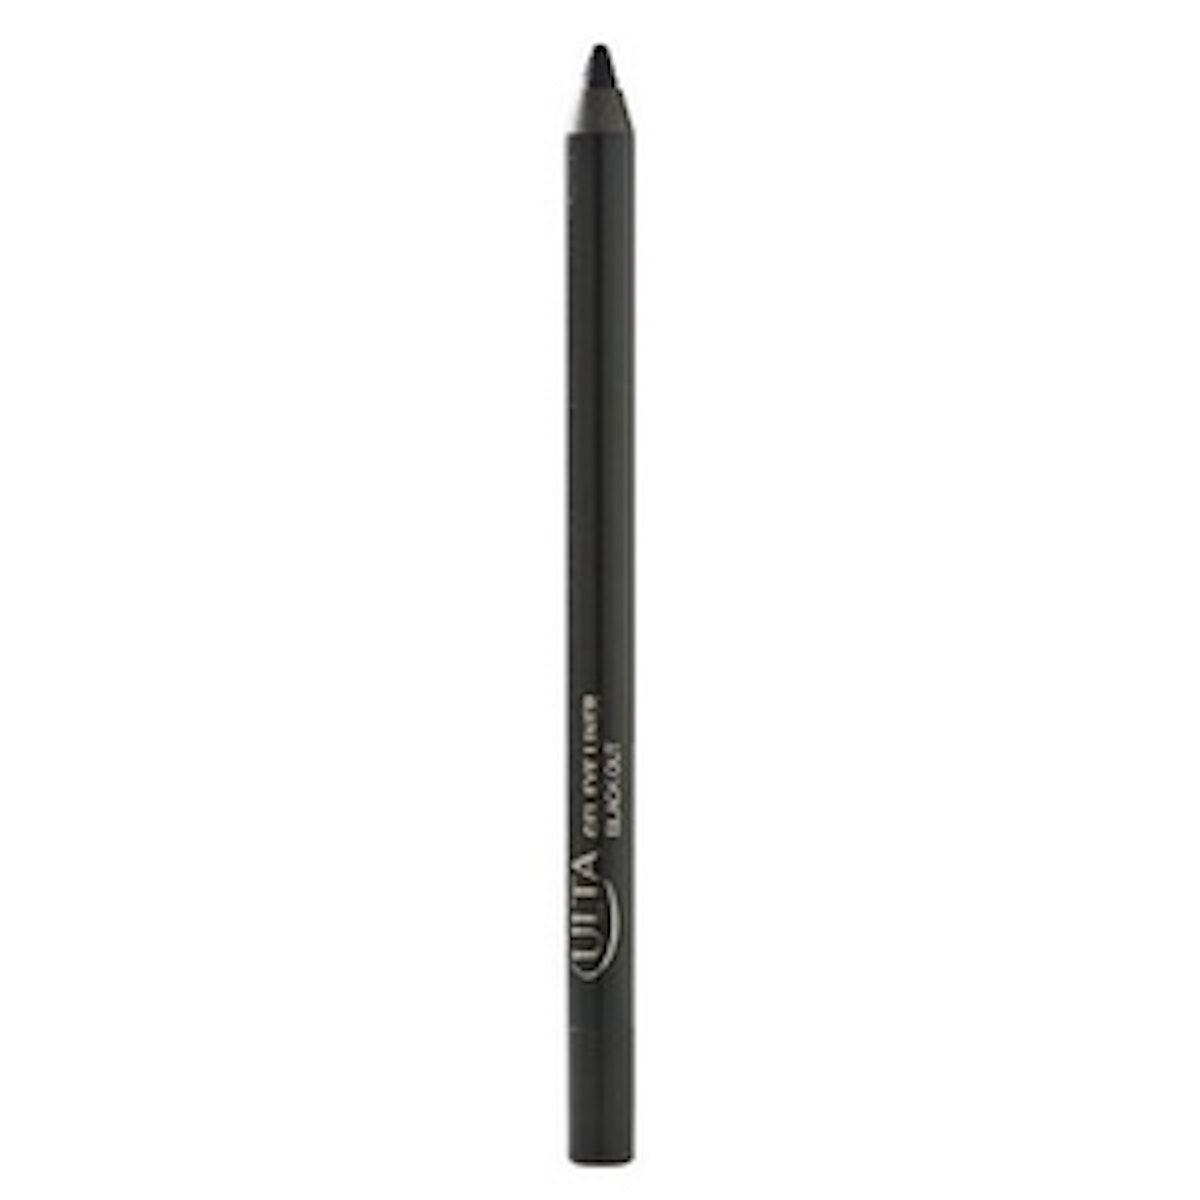 Gel Eyeliner Pencil